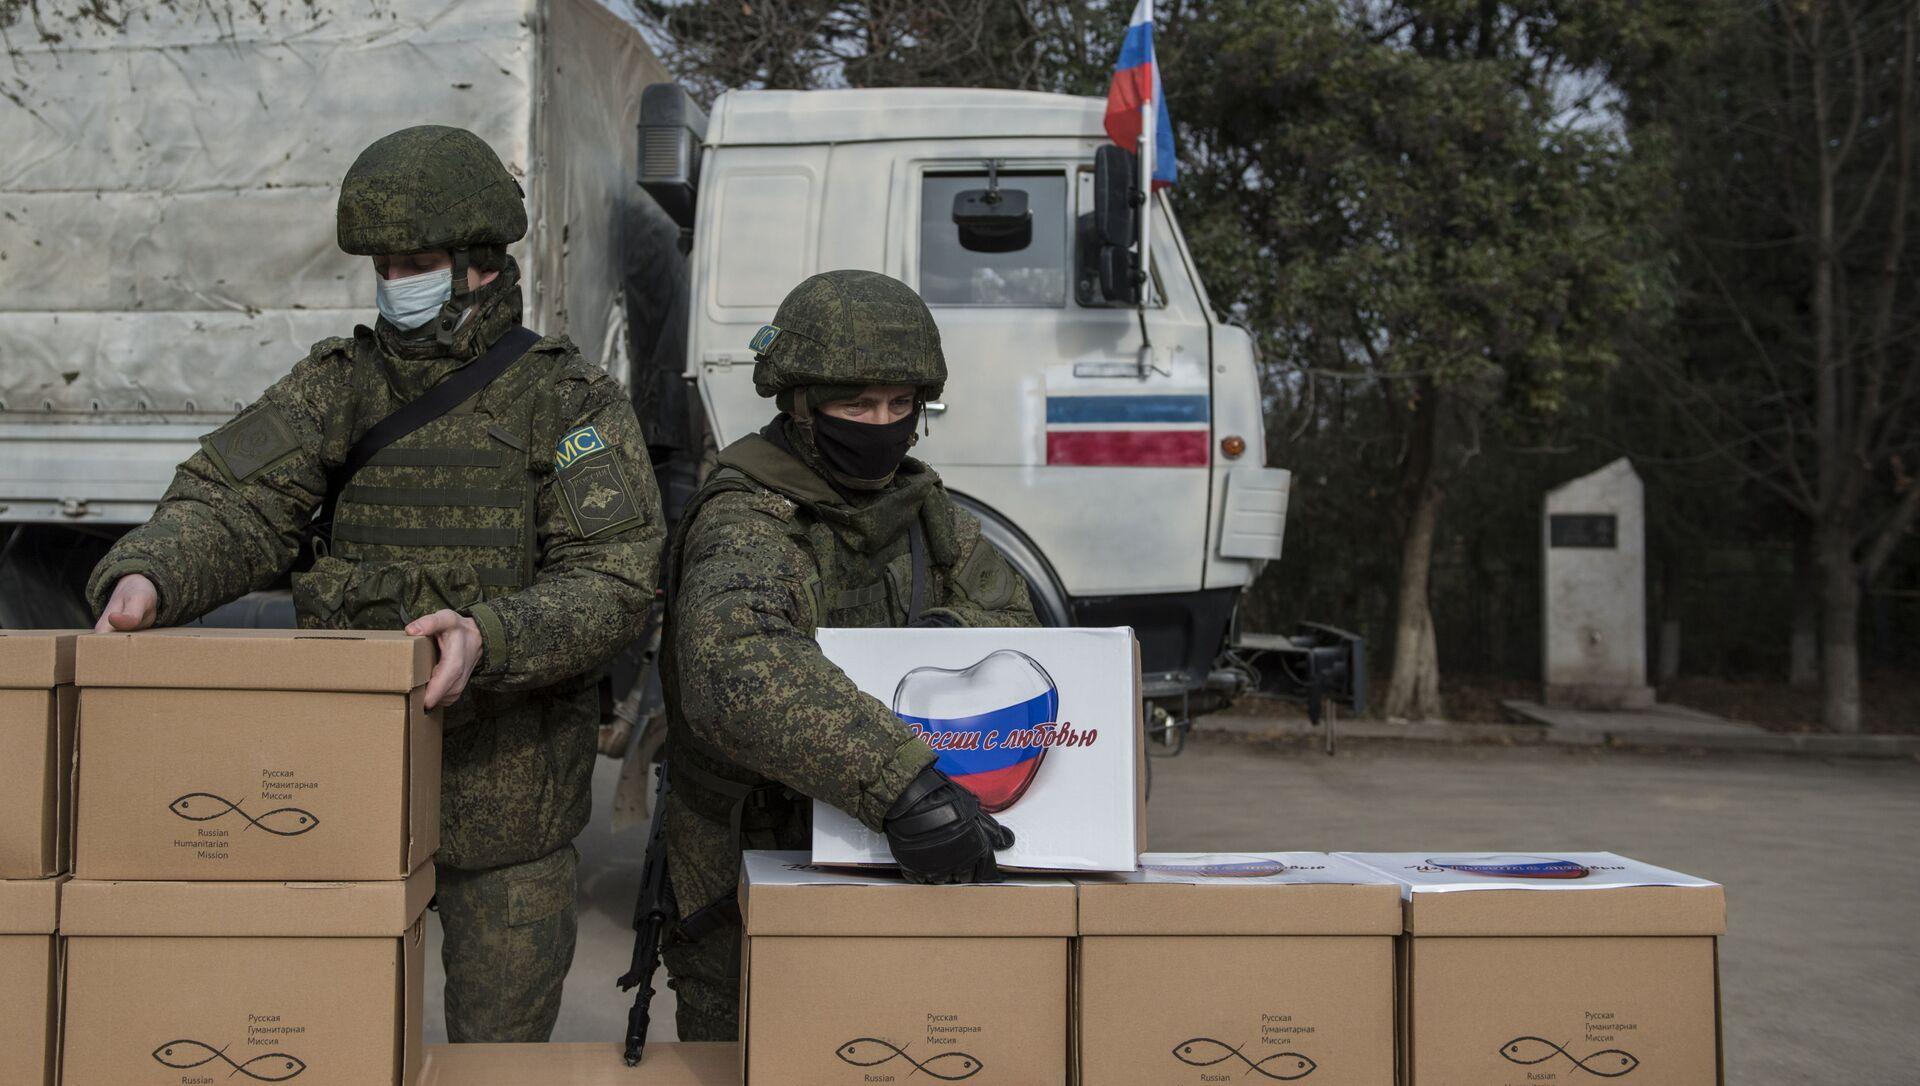 Миротворцы раздают гуманитарную помощь жителям города Мартакерт в Нагорном Карабахе - Sputnik Грузия, 1920, 31.05.2021